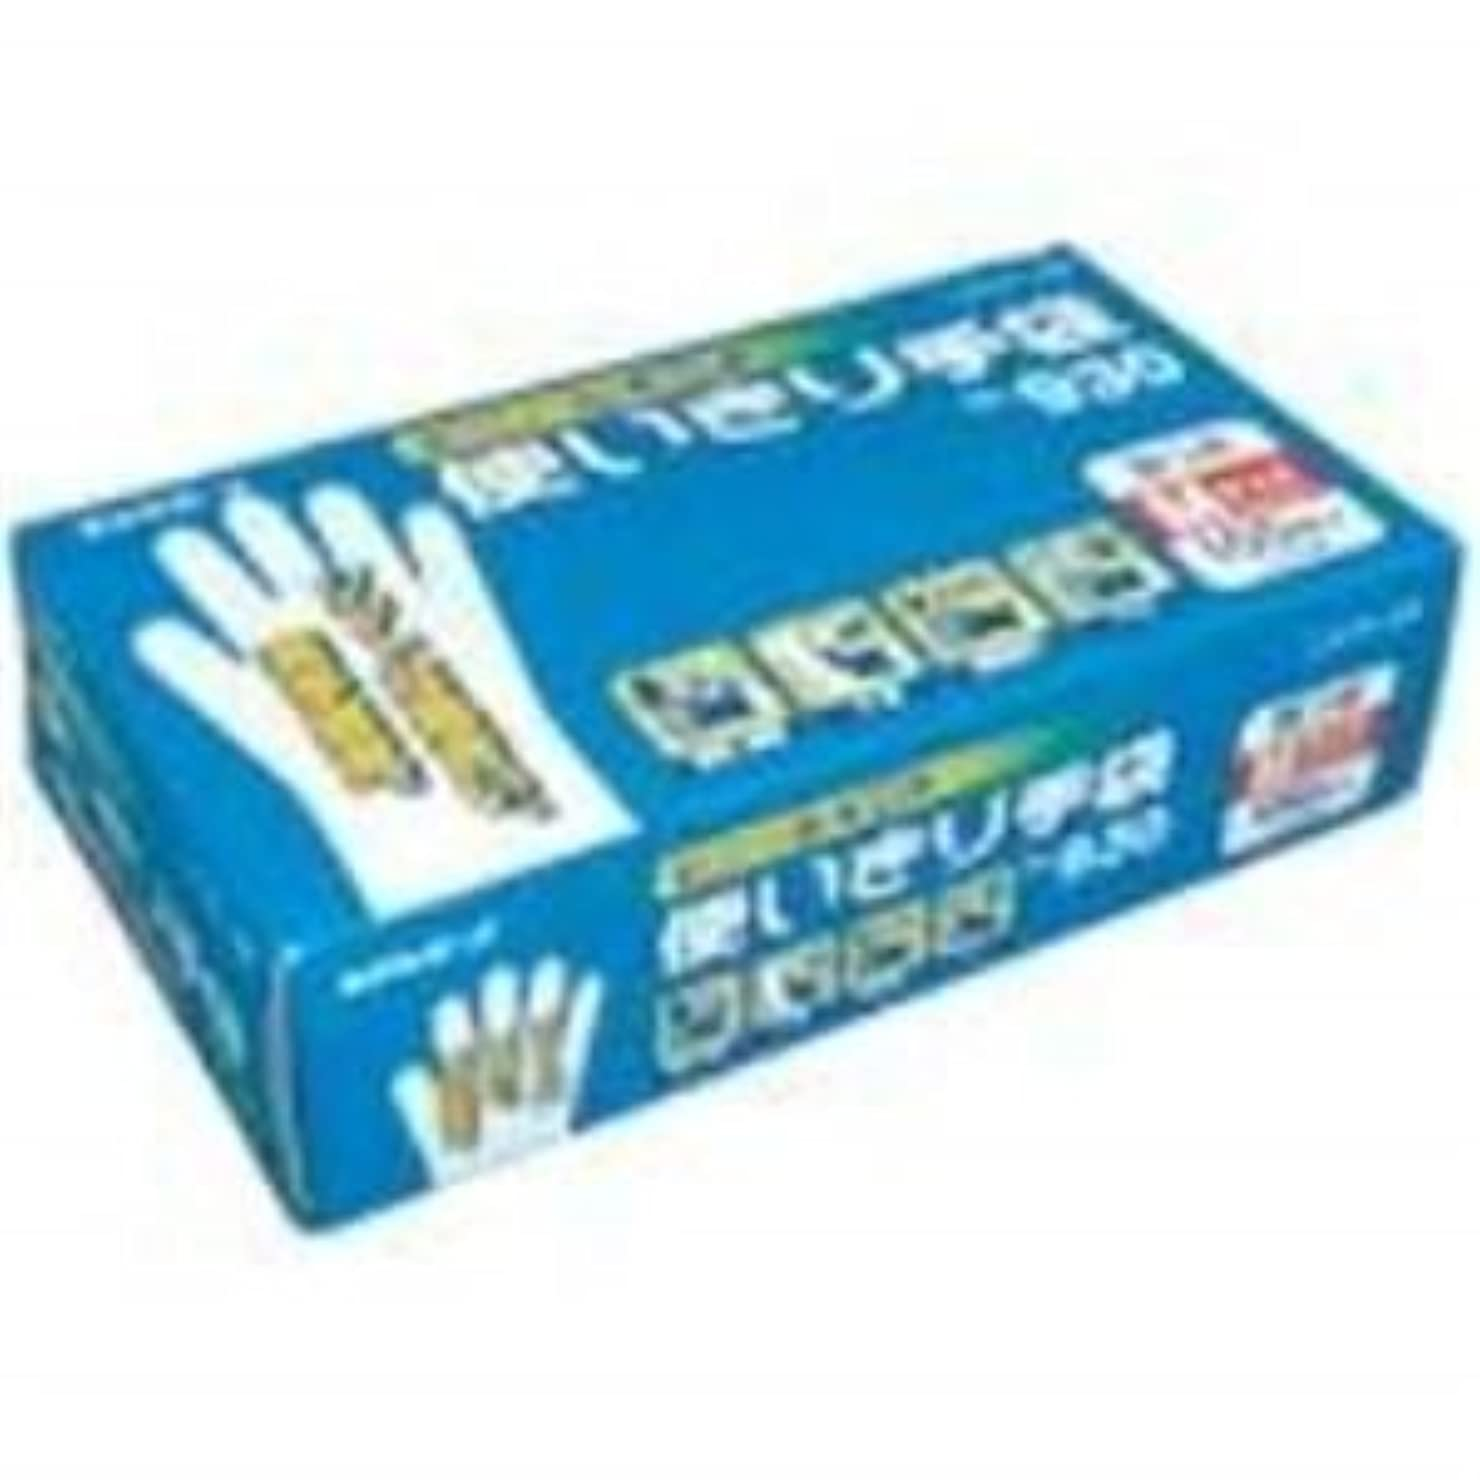 乱れ型符号インテリア 日用雑貨 掃除用品 (業務用3セット)ビニール使い切り No.930 M 1箱